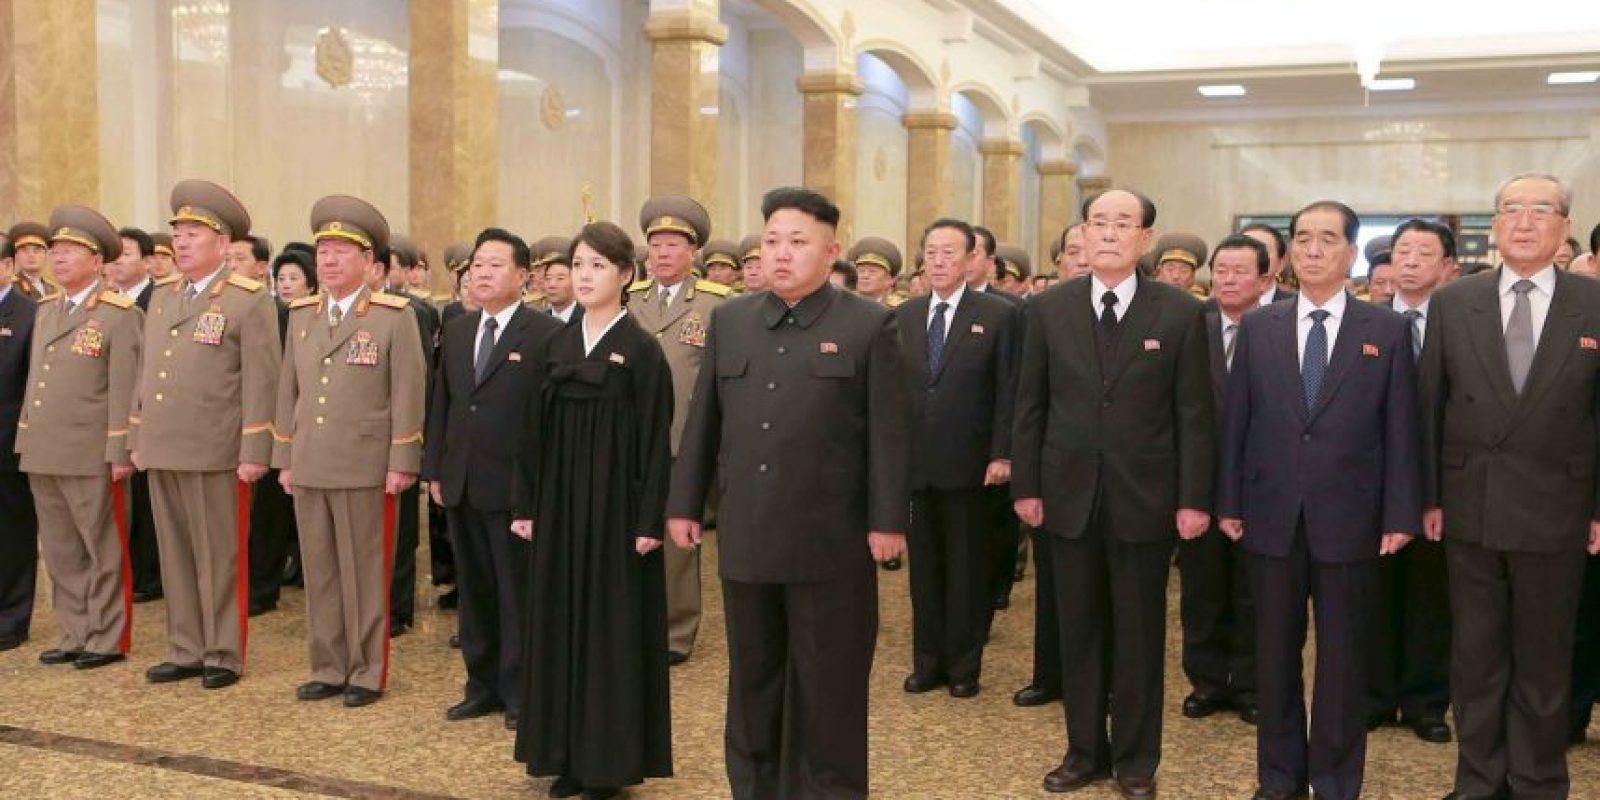 3. Ordenó la ejecución de su tío, quién era favorito para ser el segundo al mando Foto:AFP